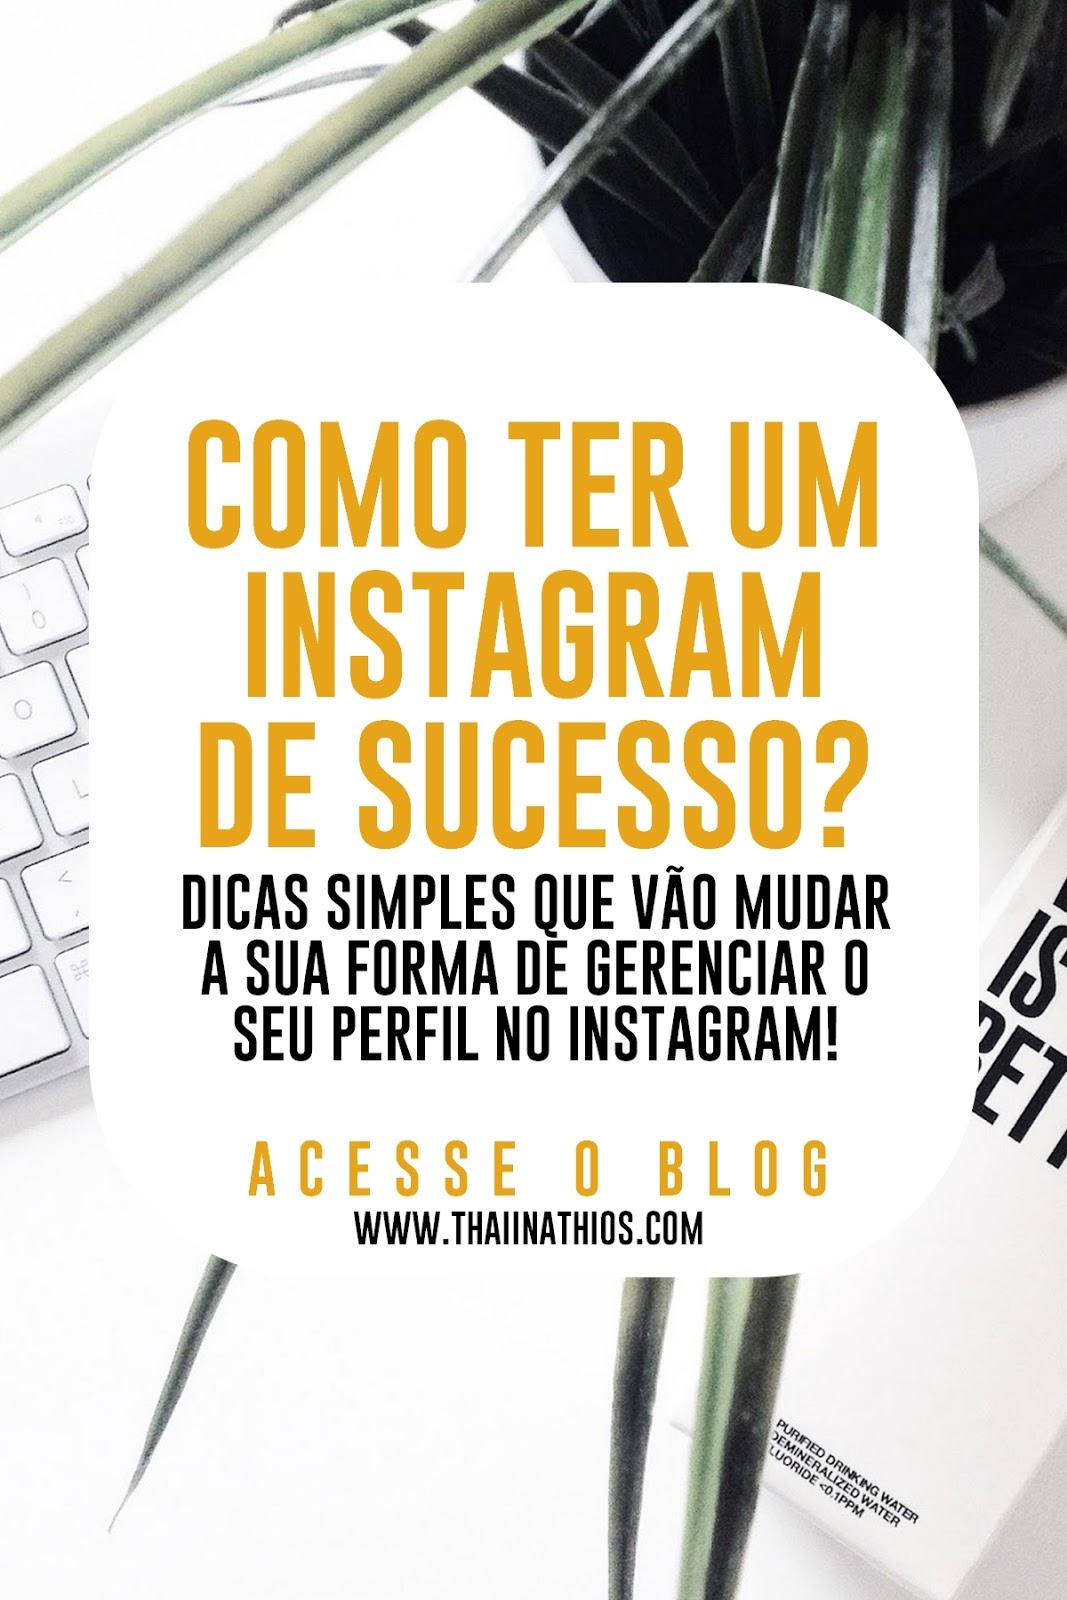 Como ter um Instagram de Sucesso?